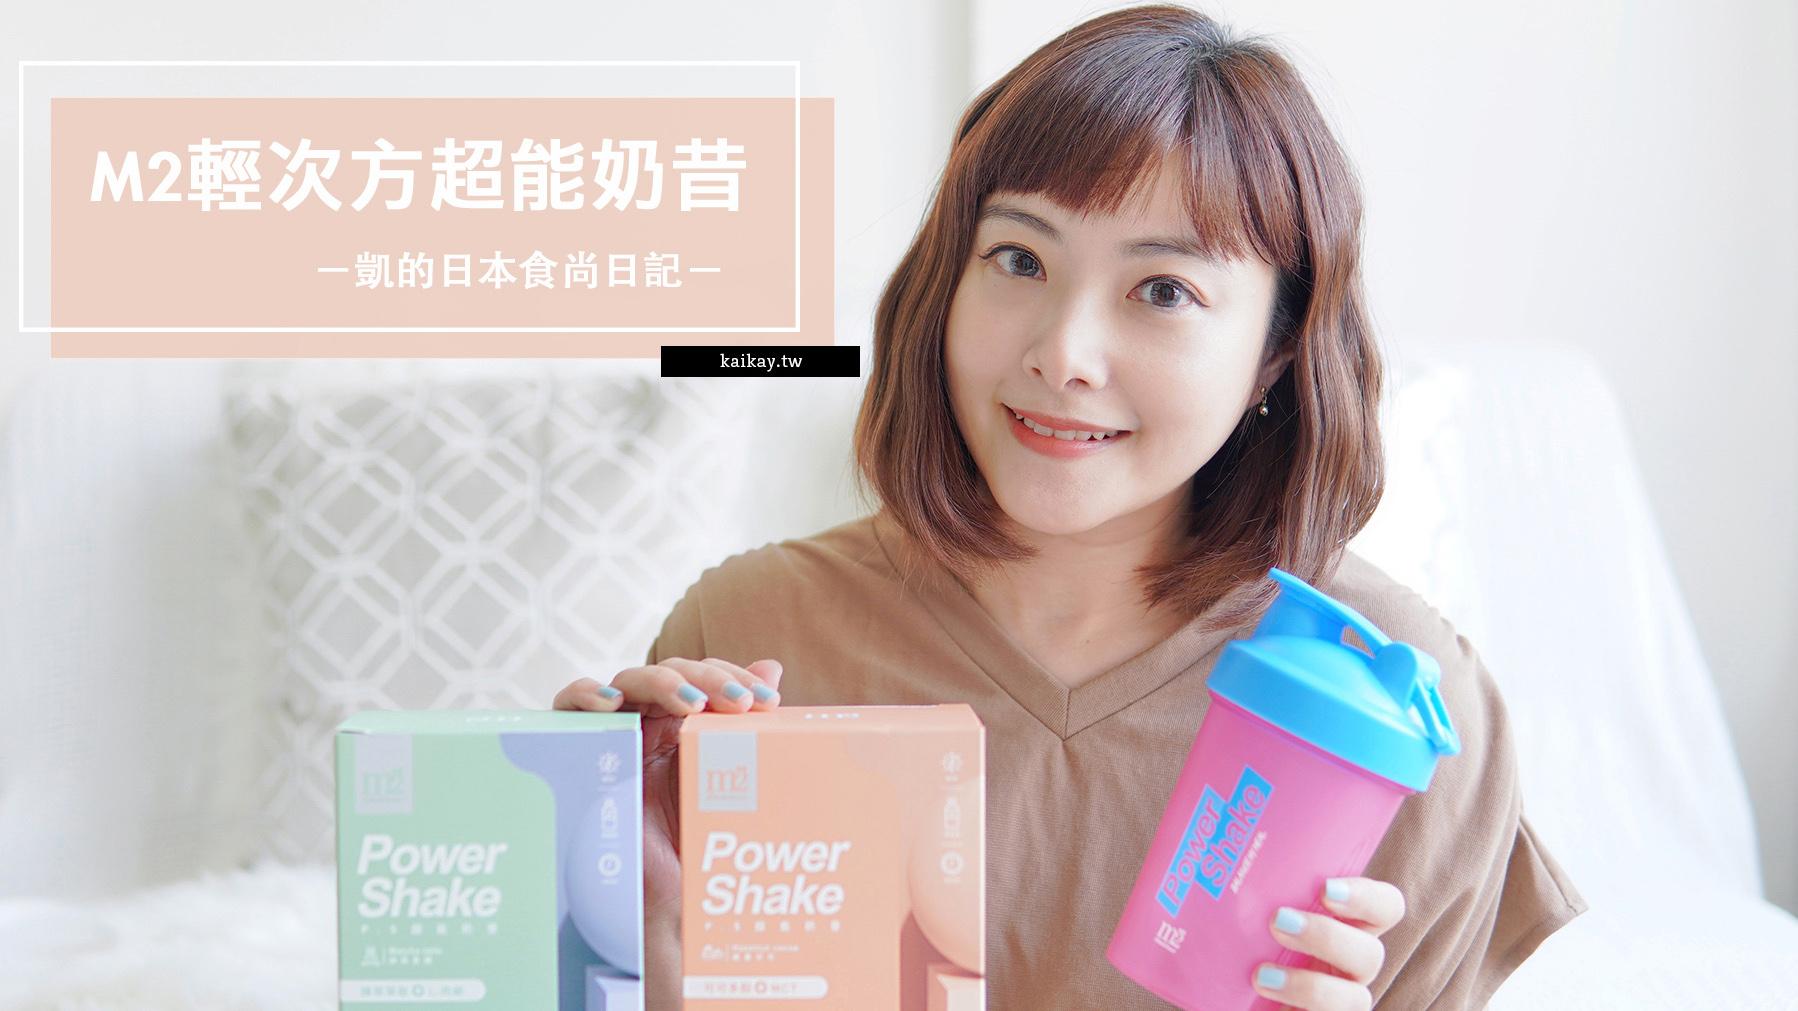 即時熱門文章:☆【美食】M2輕次方超能奶昔。每天給你滿滿活力的POWER SHAKE!